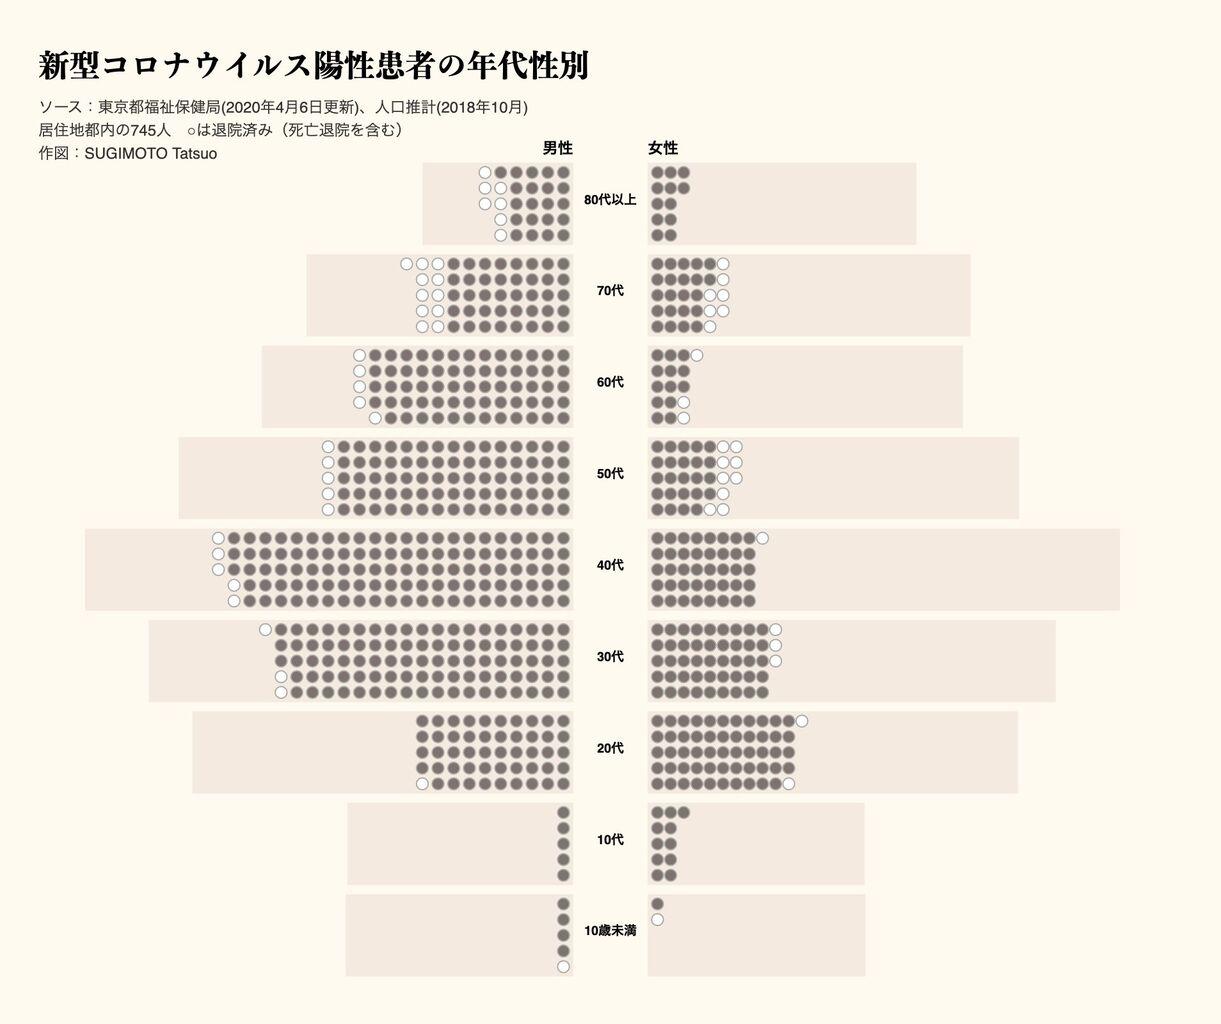 【衝撃】日本の新型コロナ感染者の人口ピラミッドが公開された結果…(画像あり)